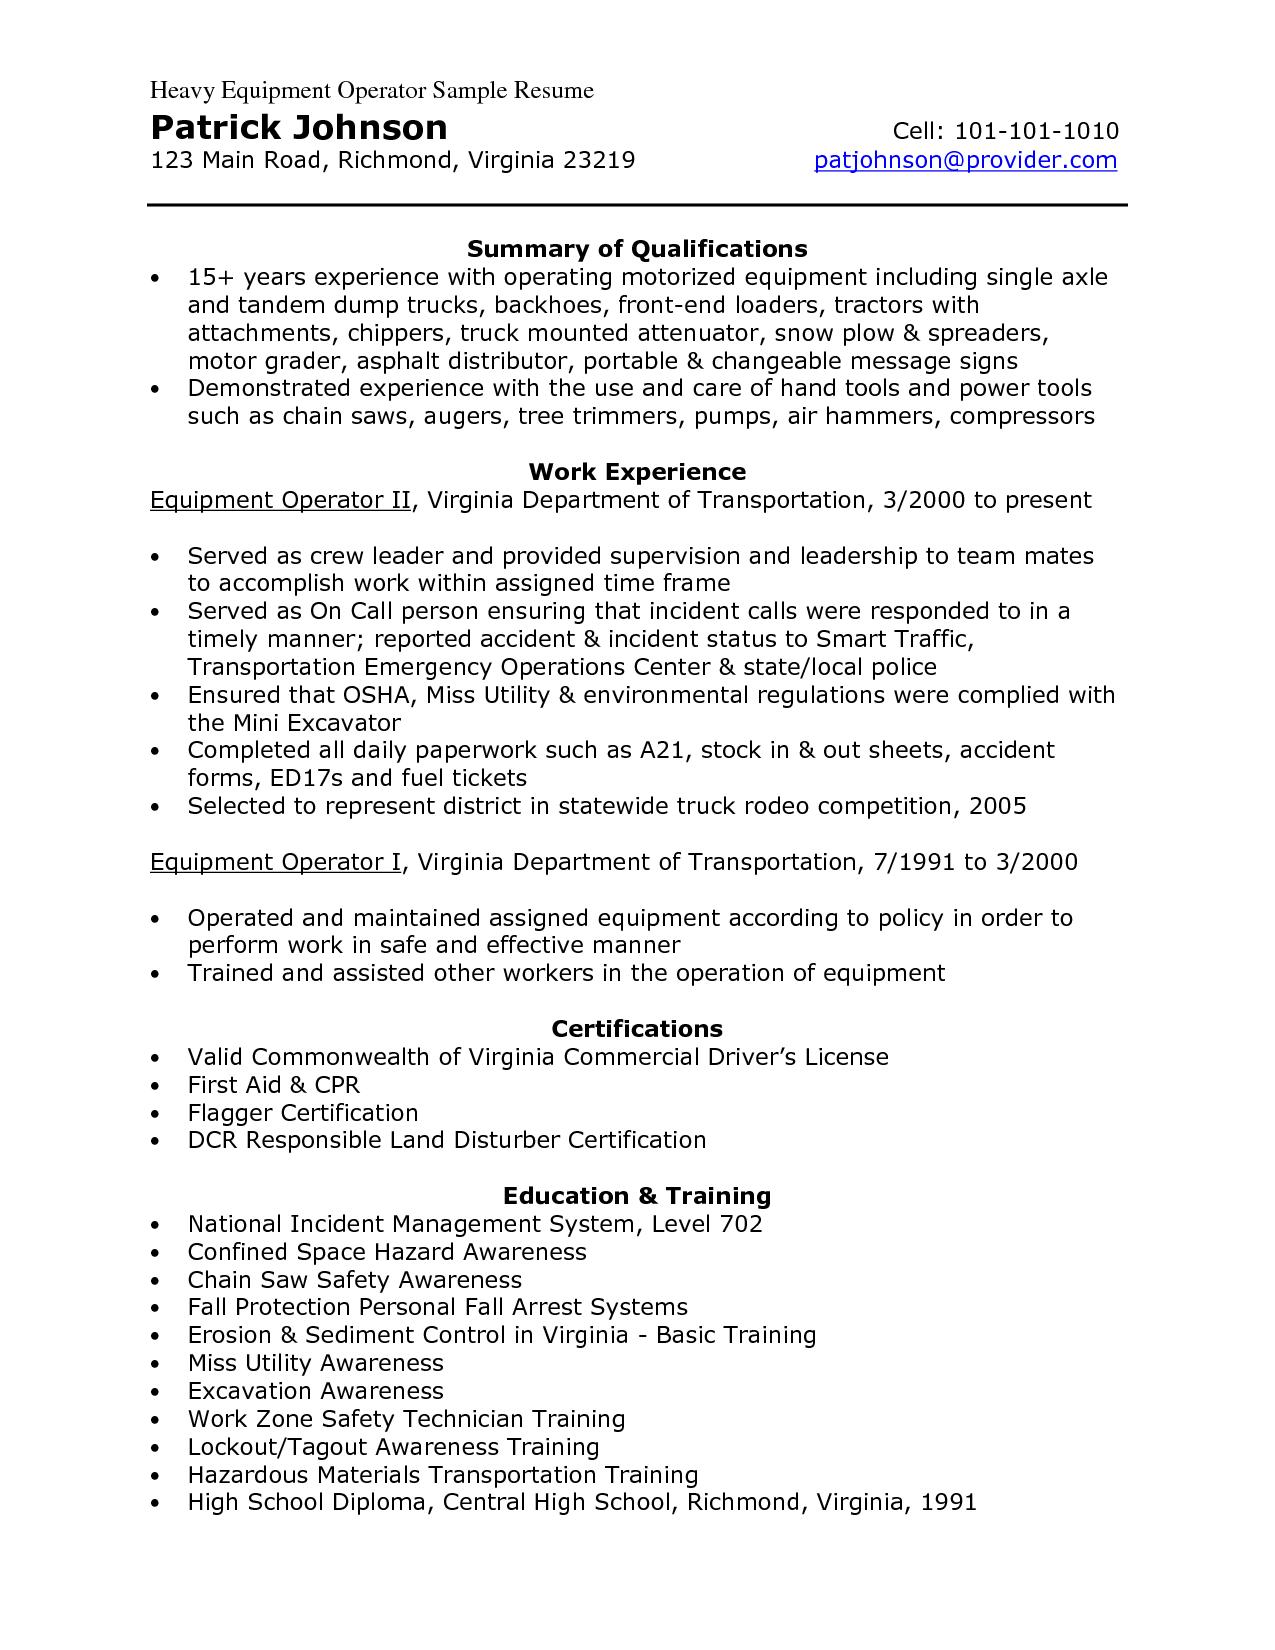 gas station clerk cover letter sarahepps nail tech resume template sidemcicek